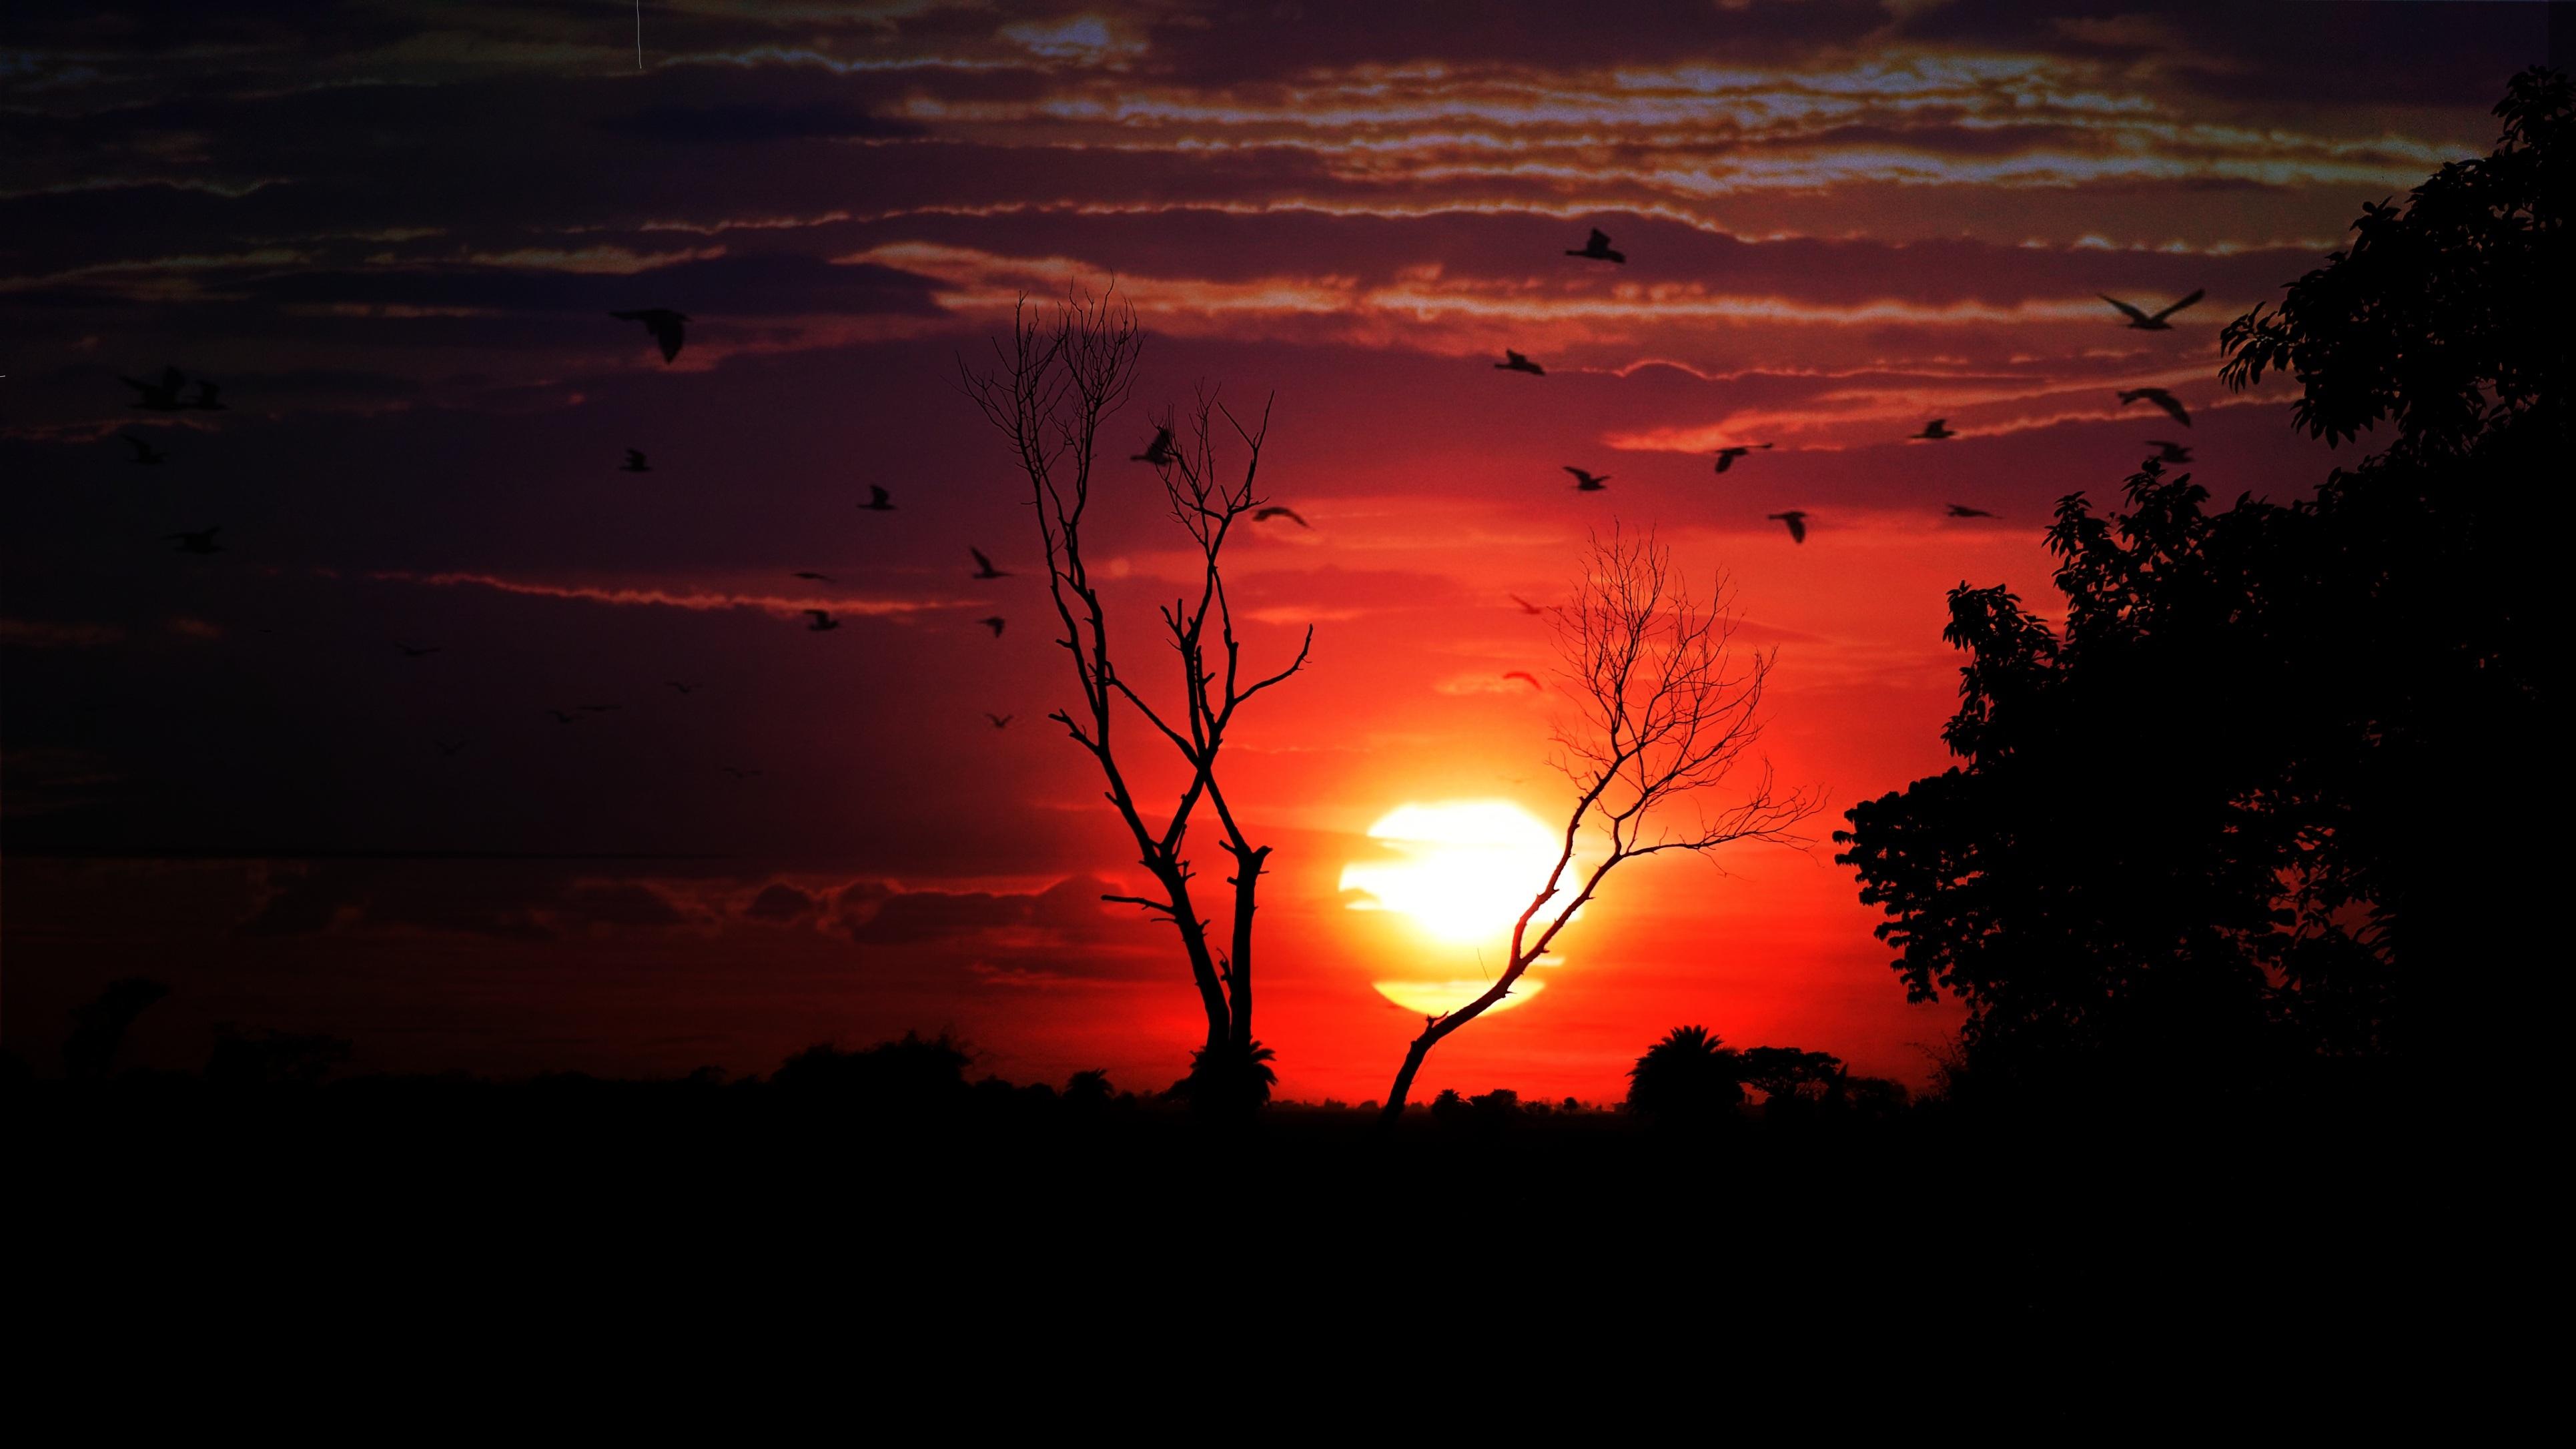 142163 économiseurs d'écran et fonds d'écran Sombre sur votre téléphone. Téléchargez Oiseaux, Coucher De Soleil, Sky, Sombre, Bois, Arbre images gratuitement